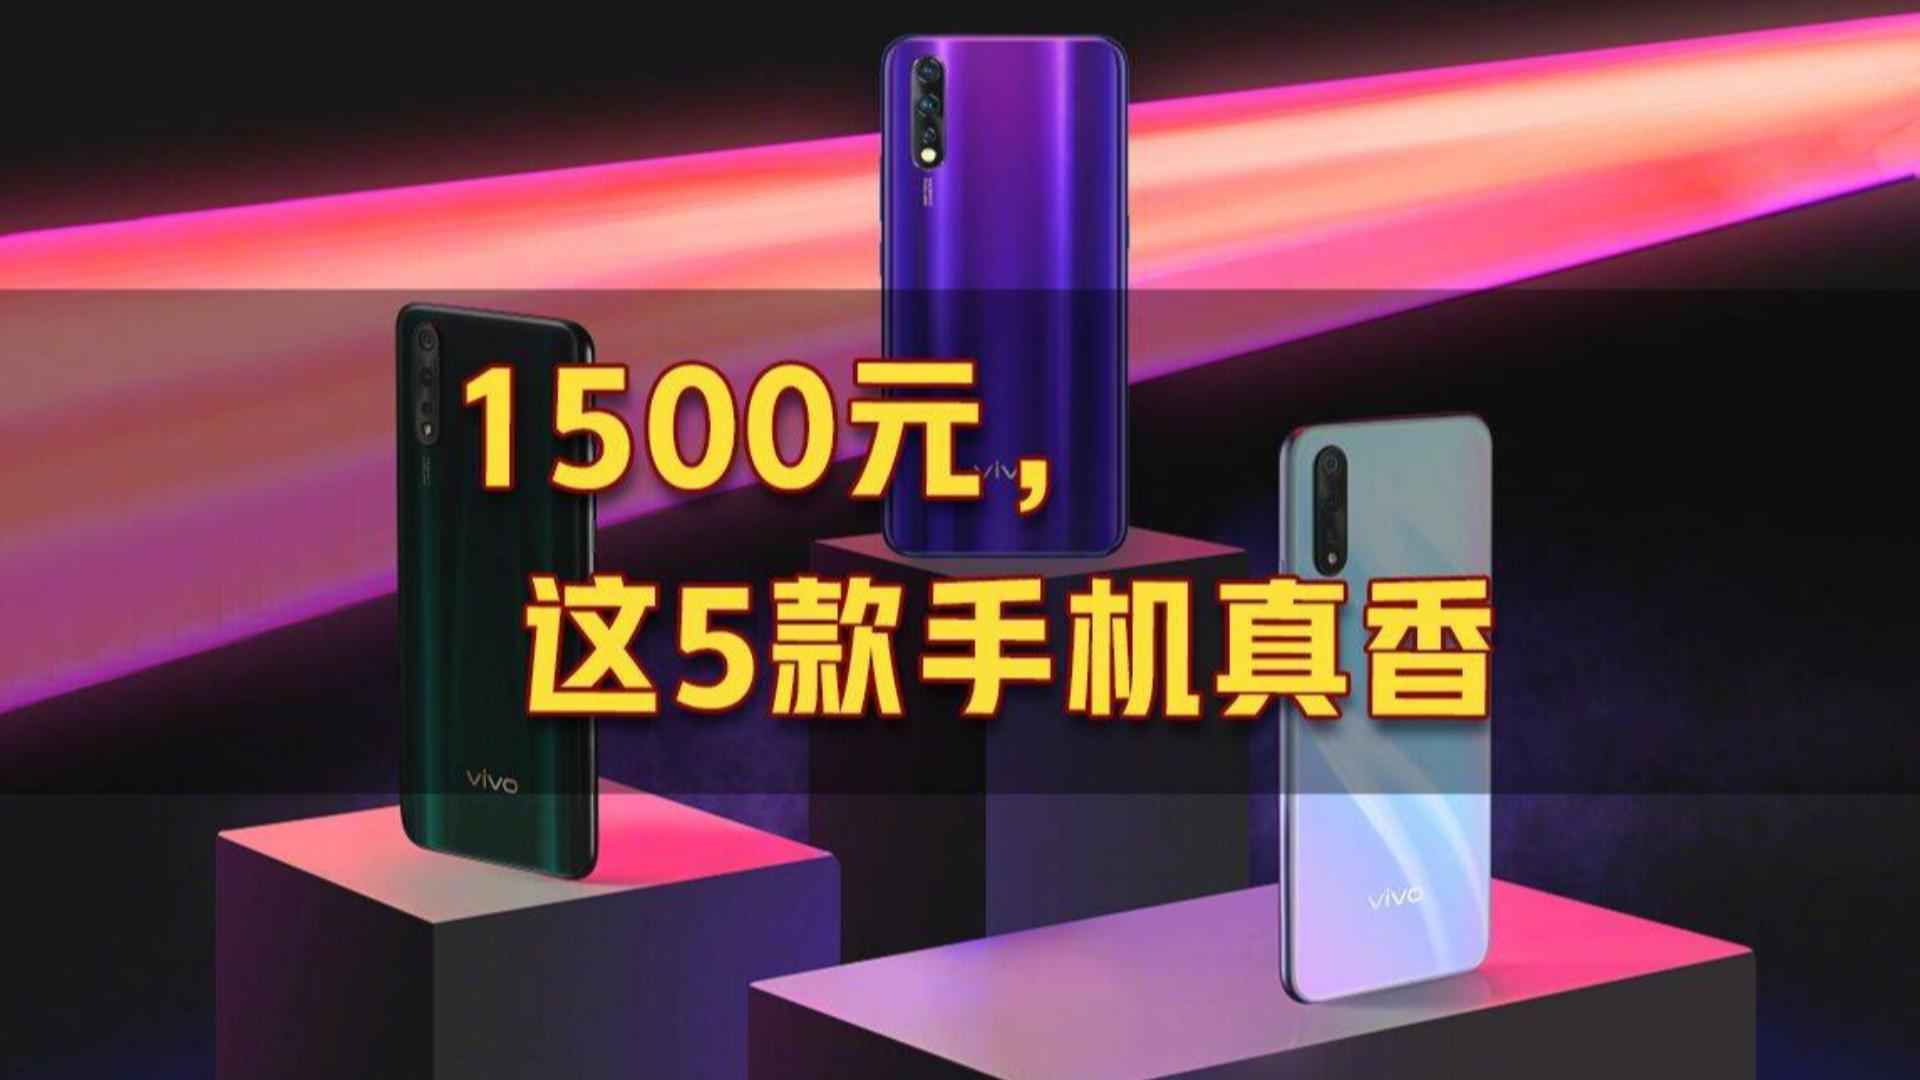 2020年千元新机盘点,1500元以内5款值得购买的新机!